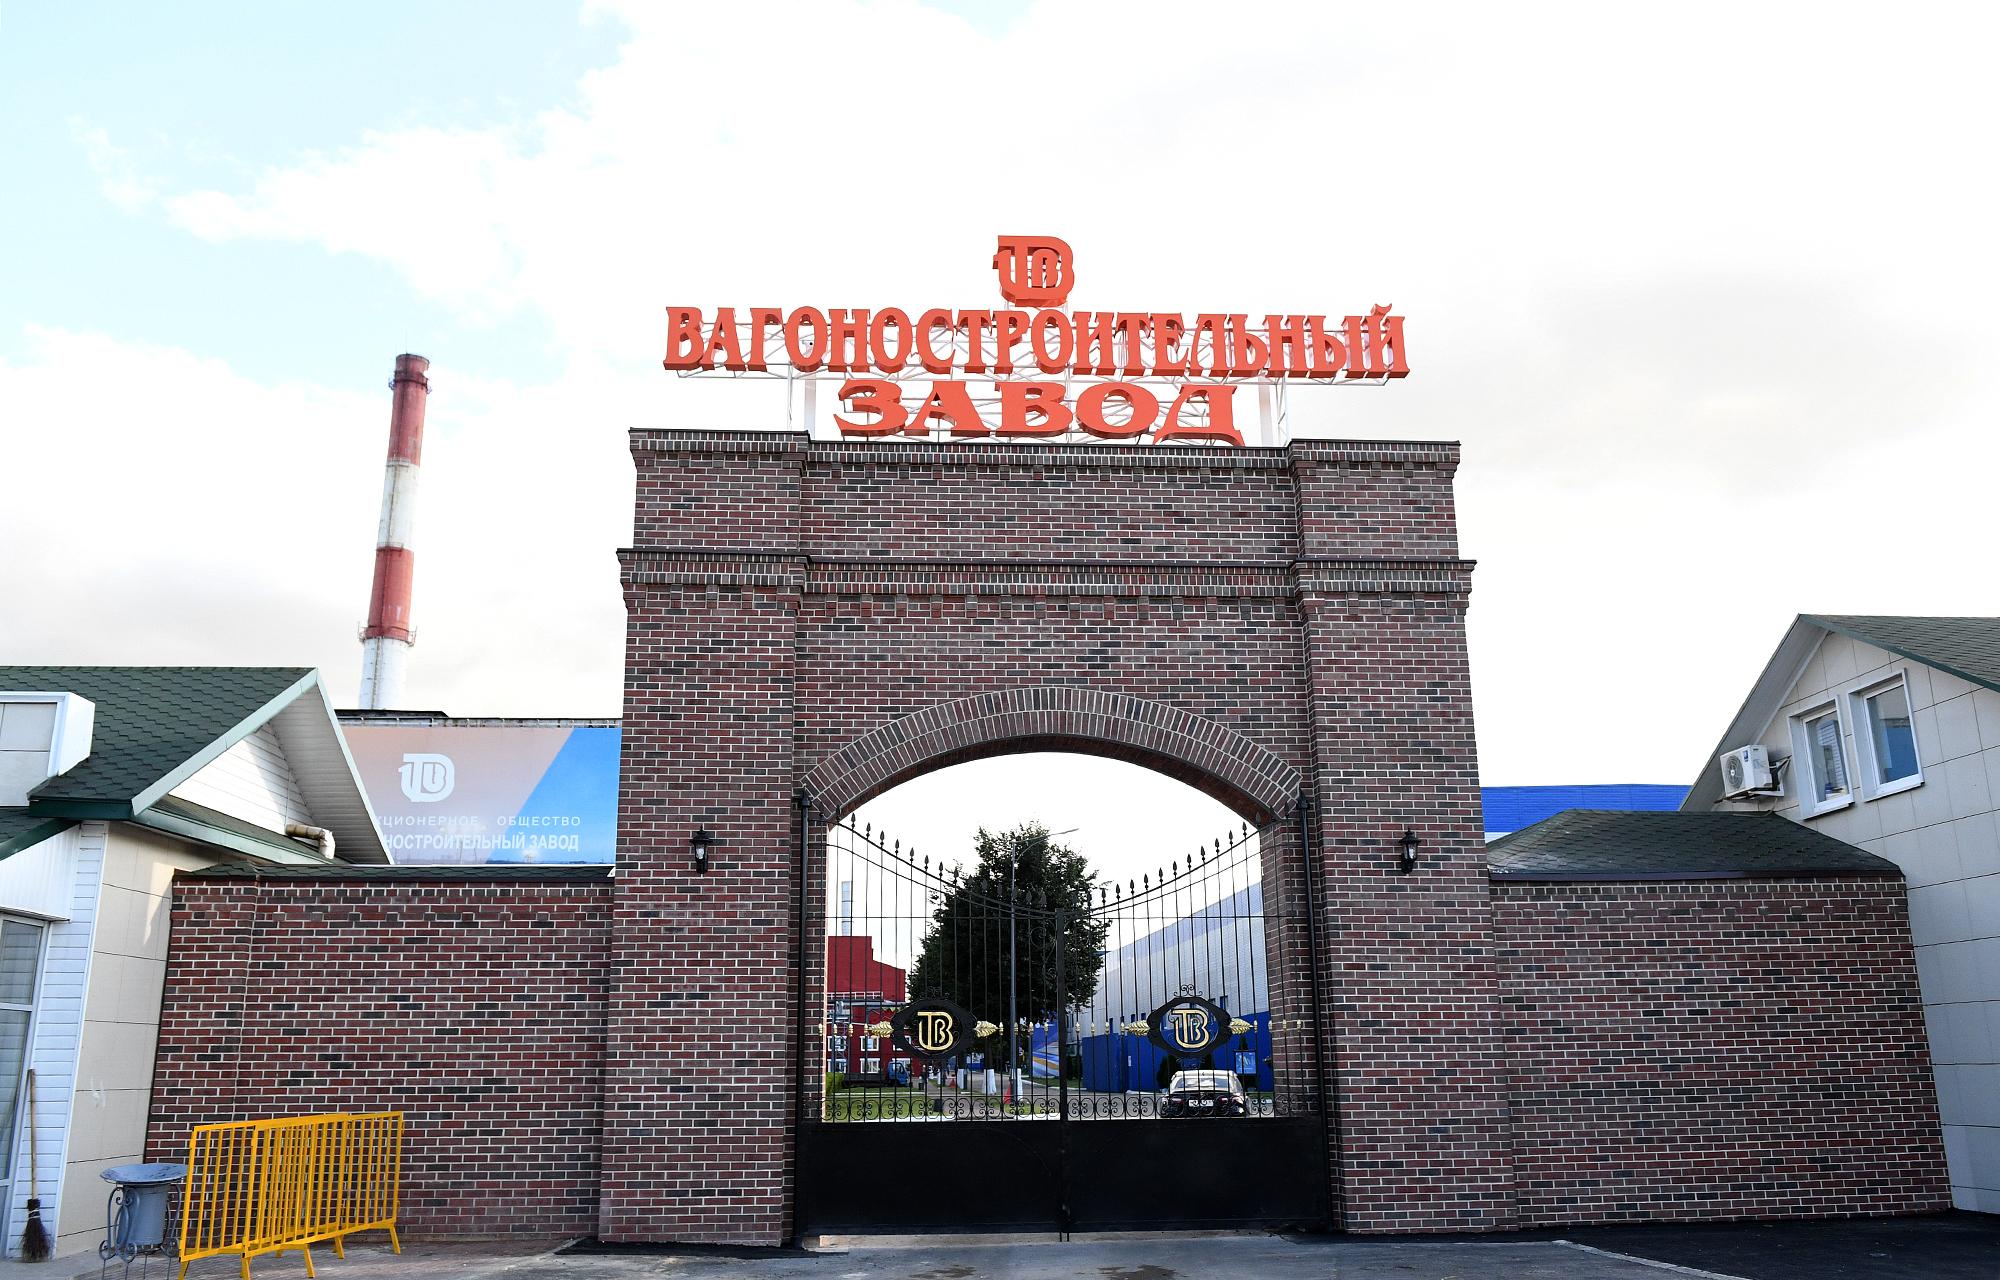 Тверской вагонзавод выпустил 1300 различных вагонов за год в условиях пандемии